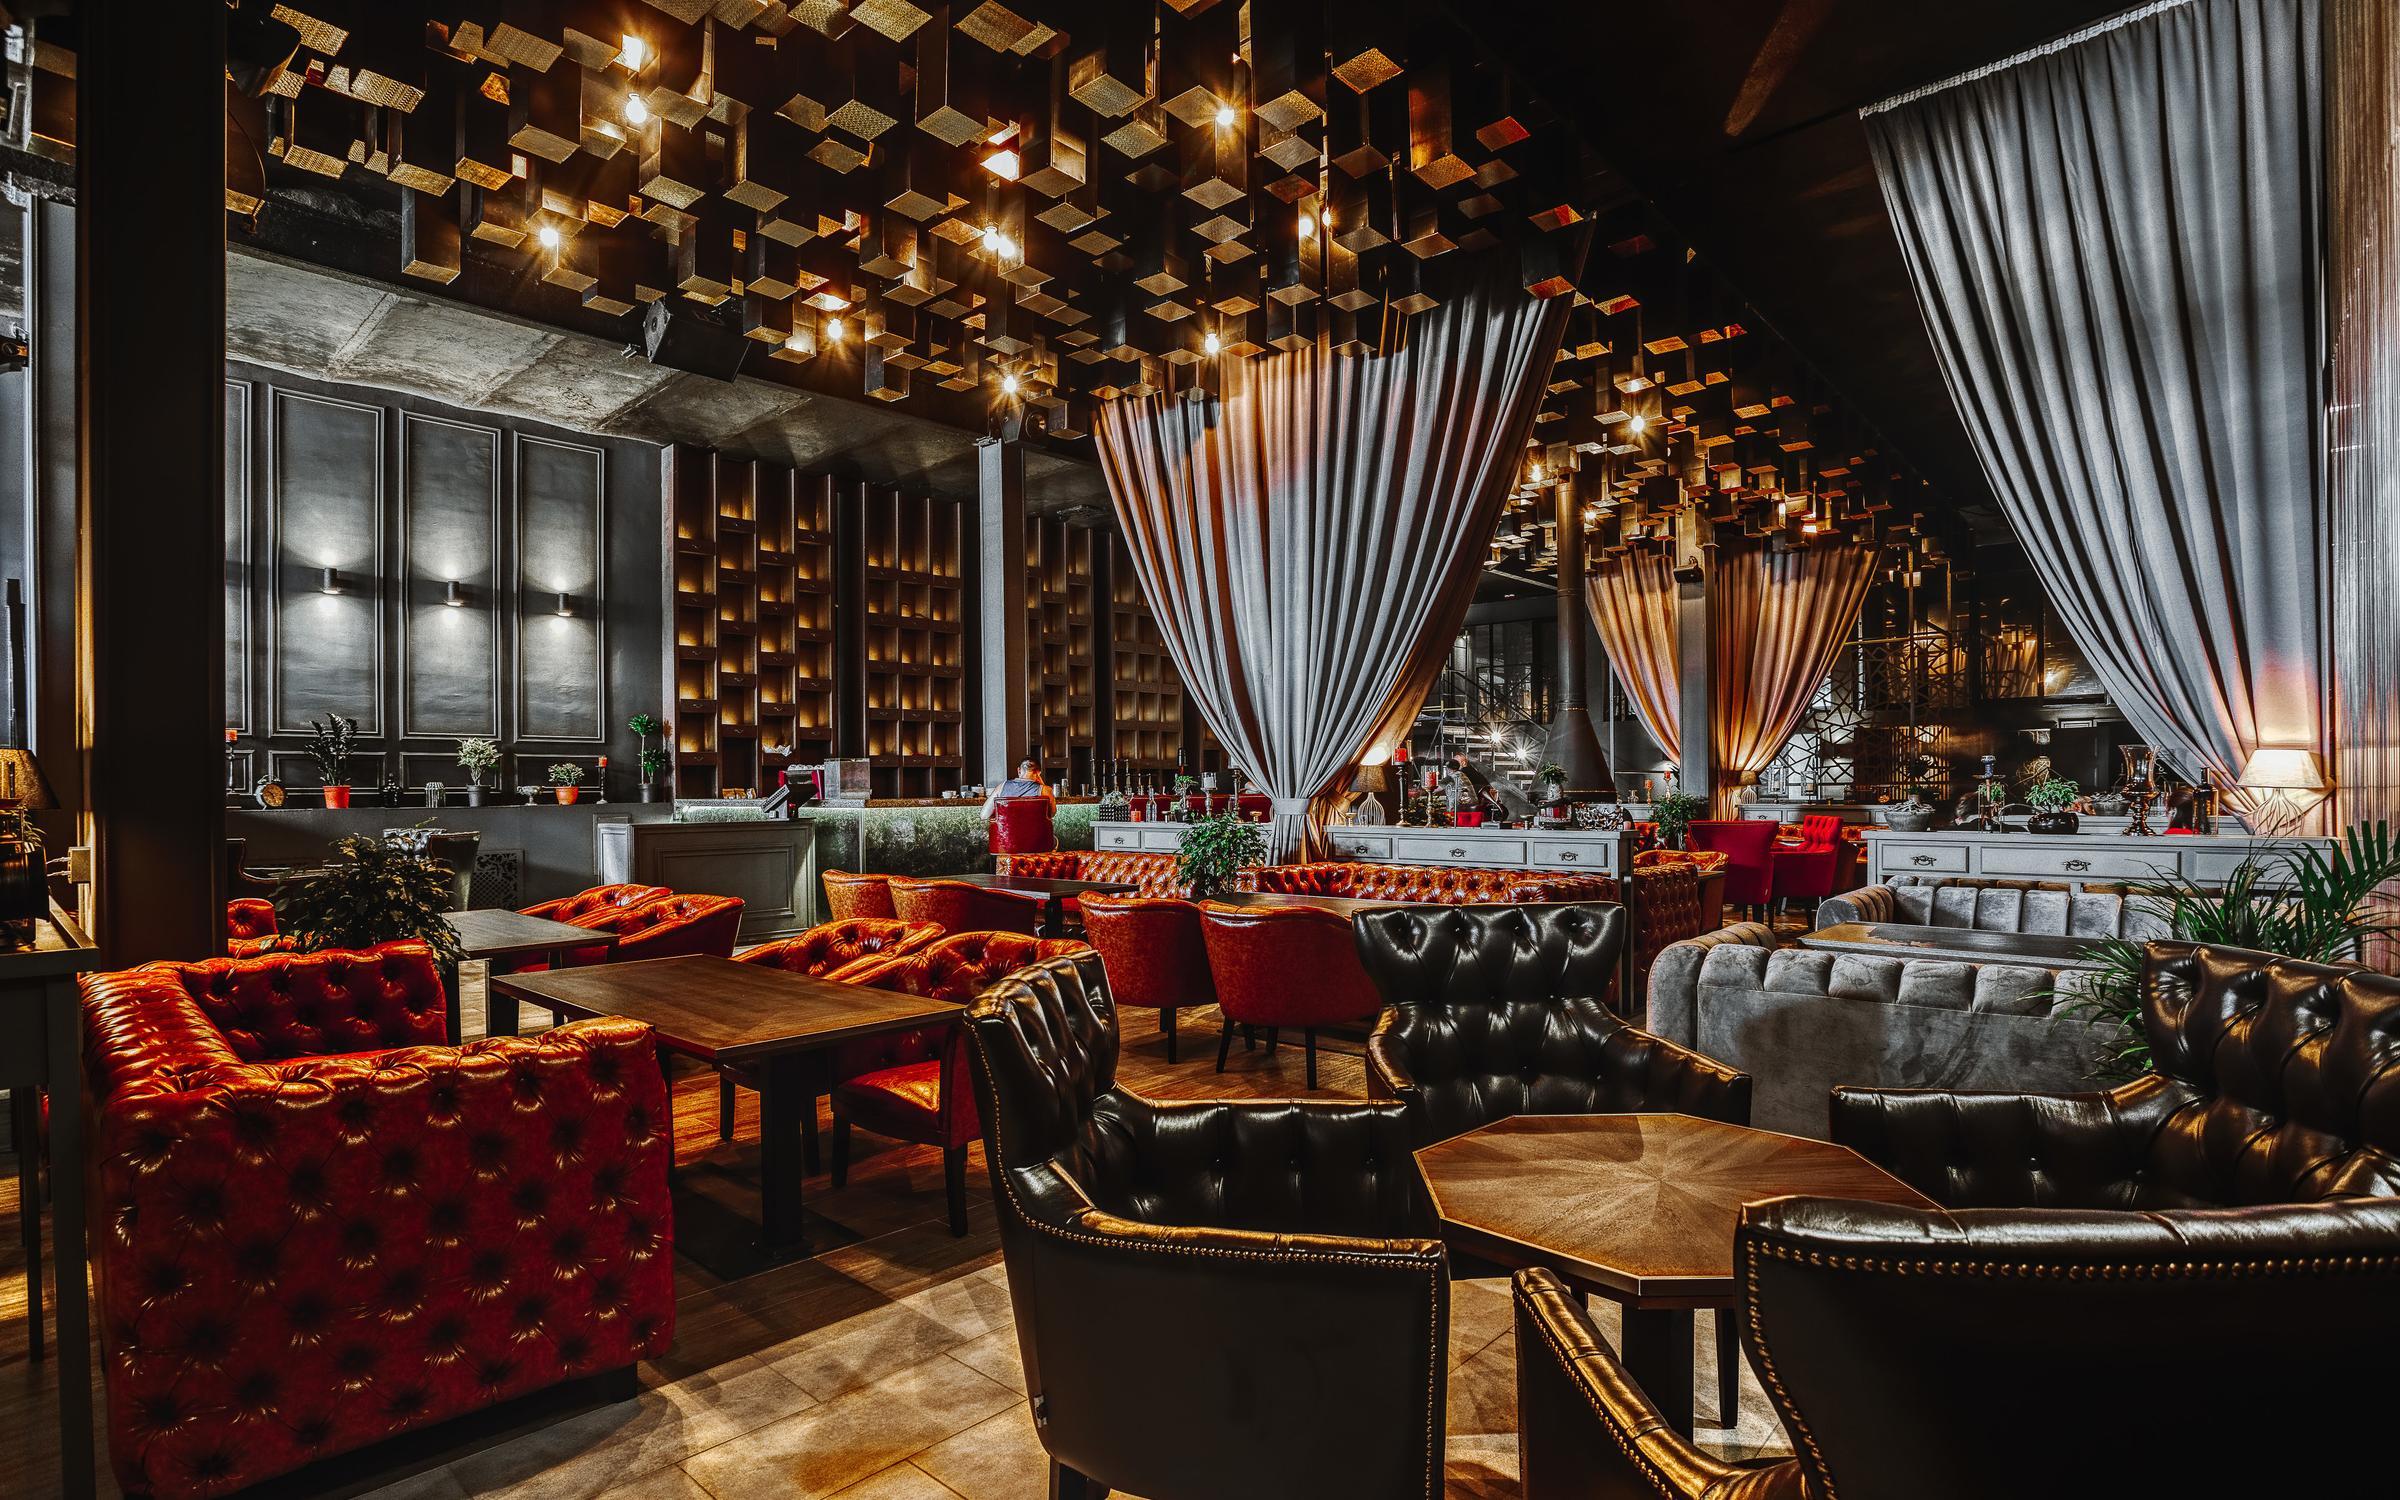 фотография Ресторана-кальянной Дымзавод Lounge bar